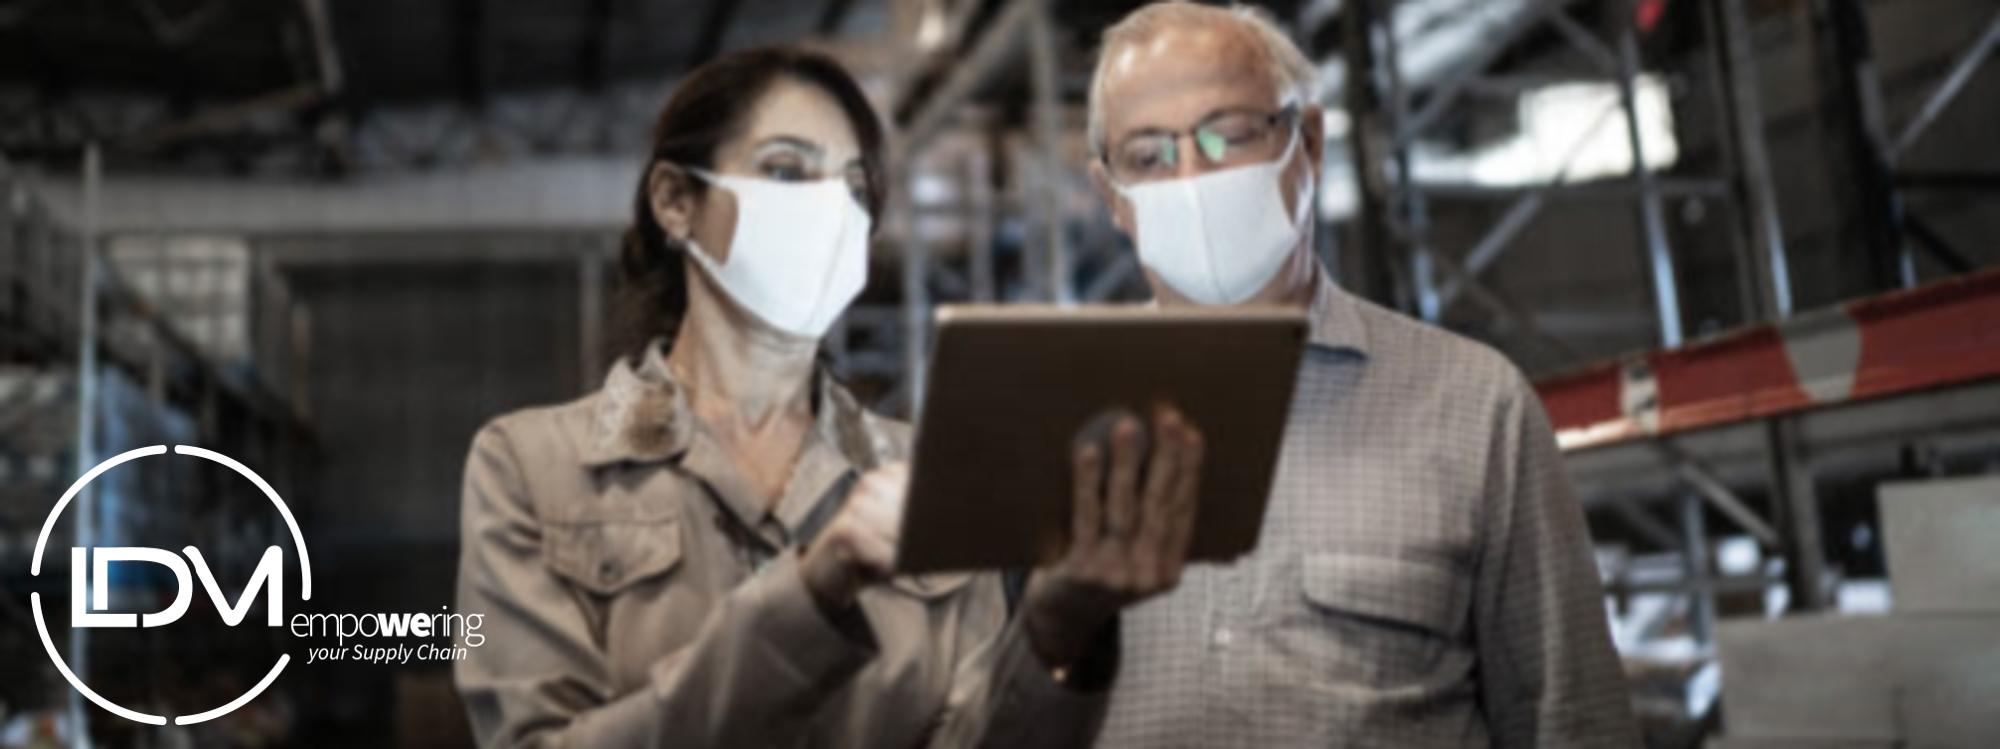 la-transformacion-de-la-cadena-de-suministro-durante-la-pandemia